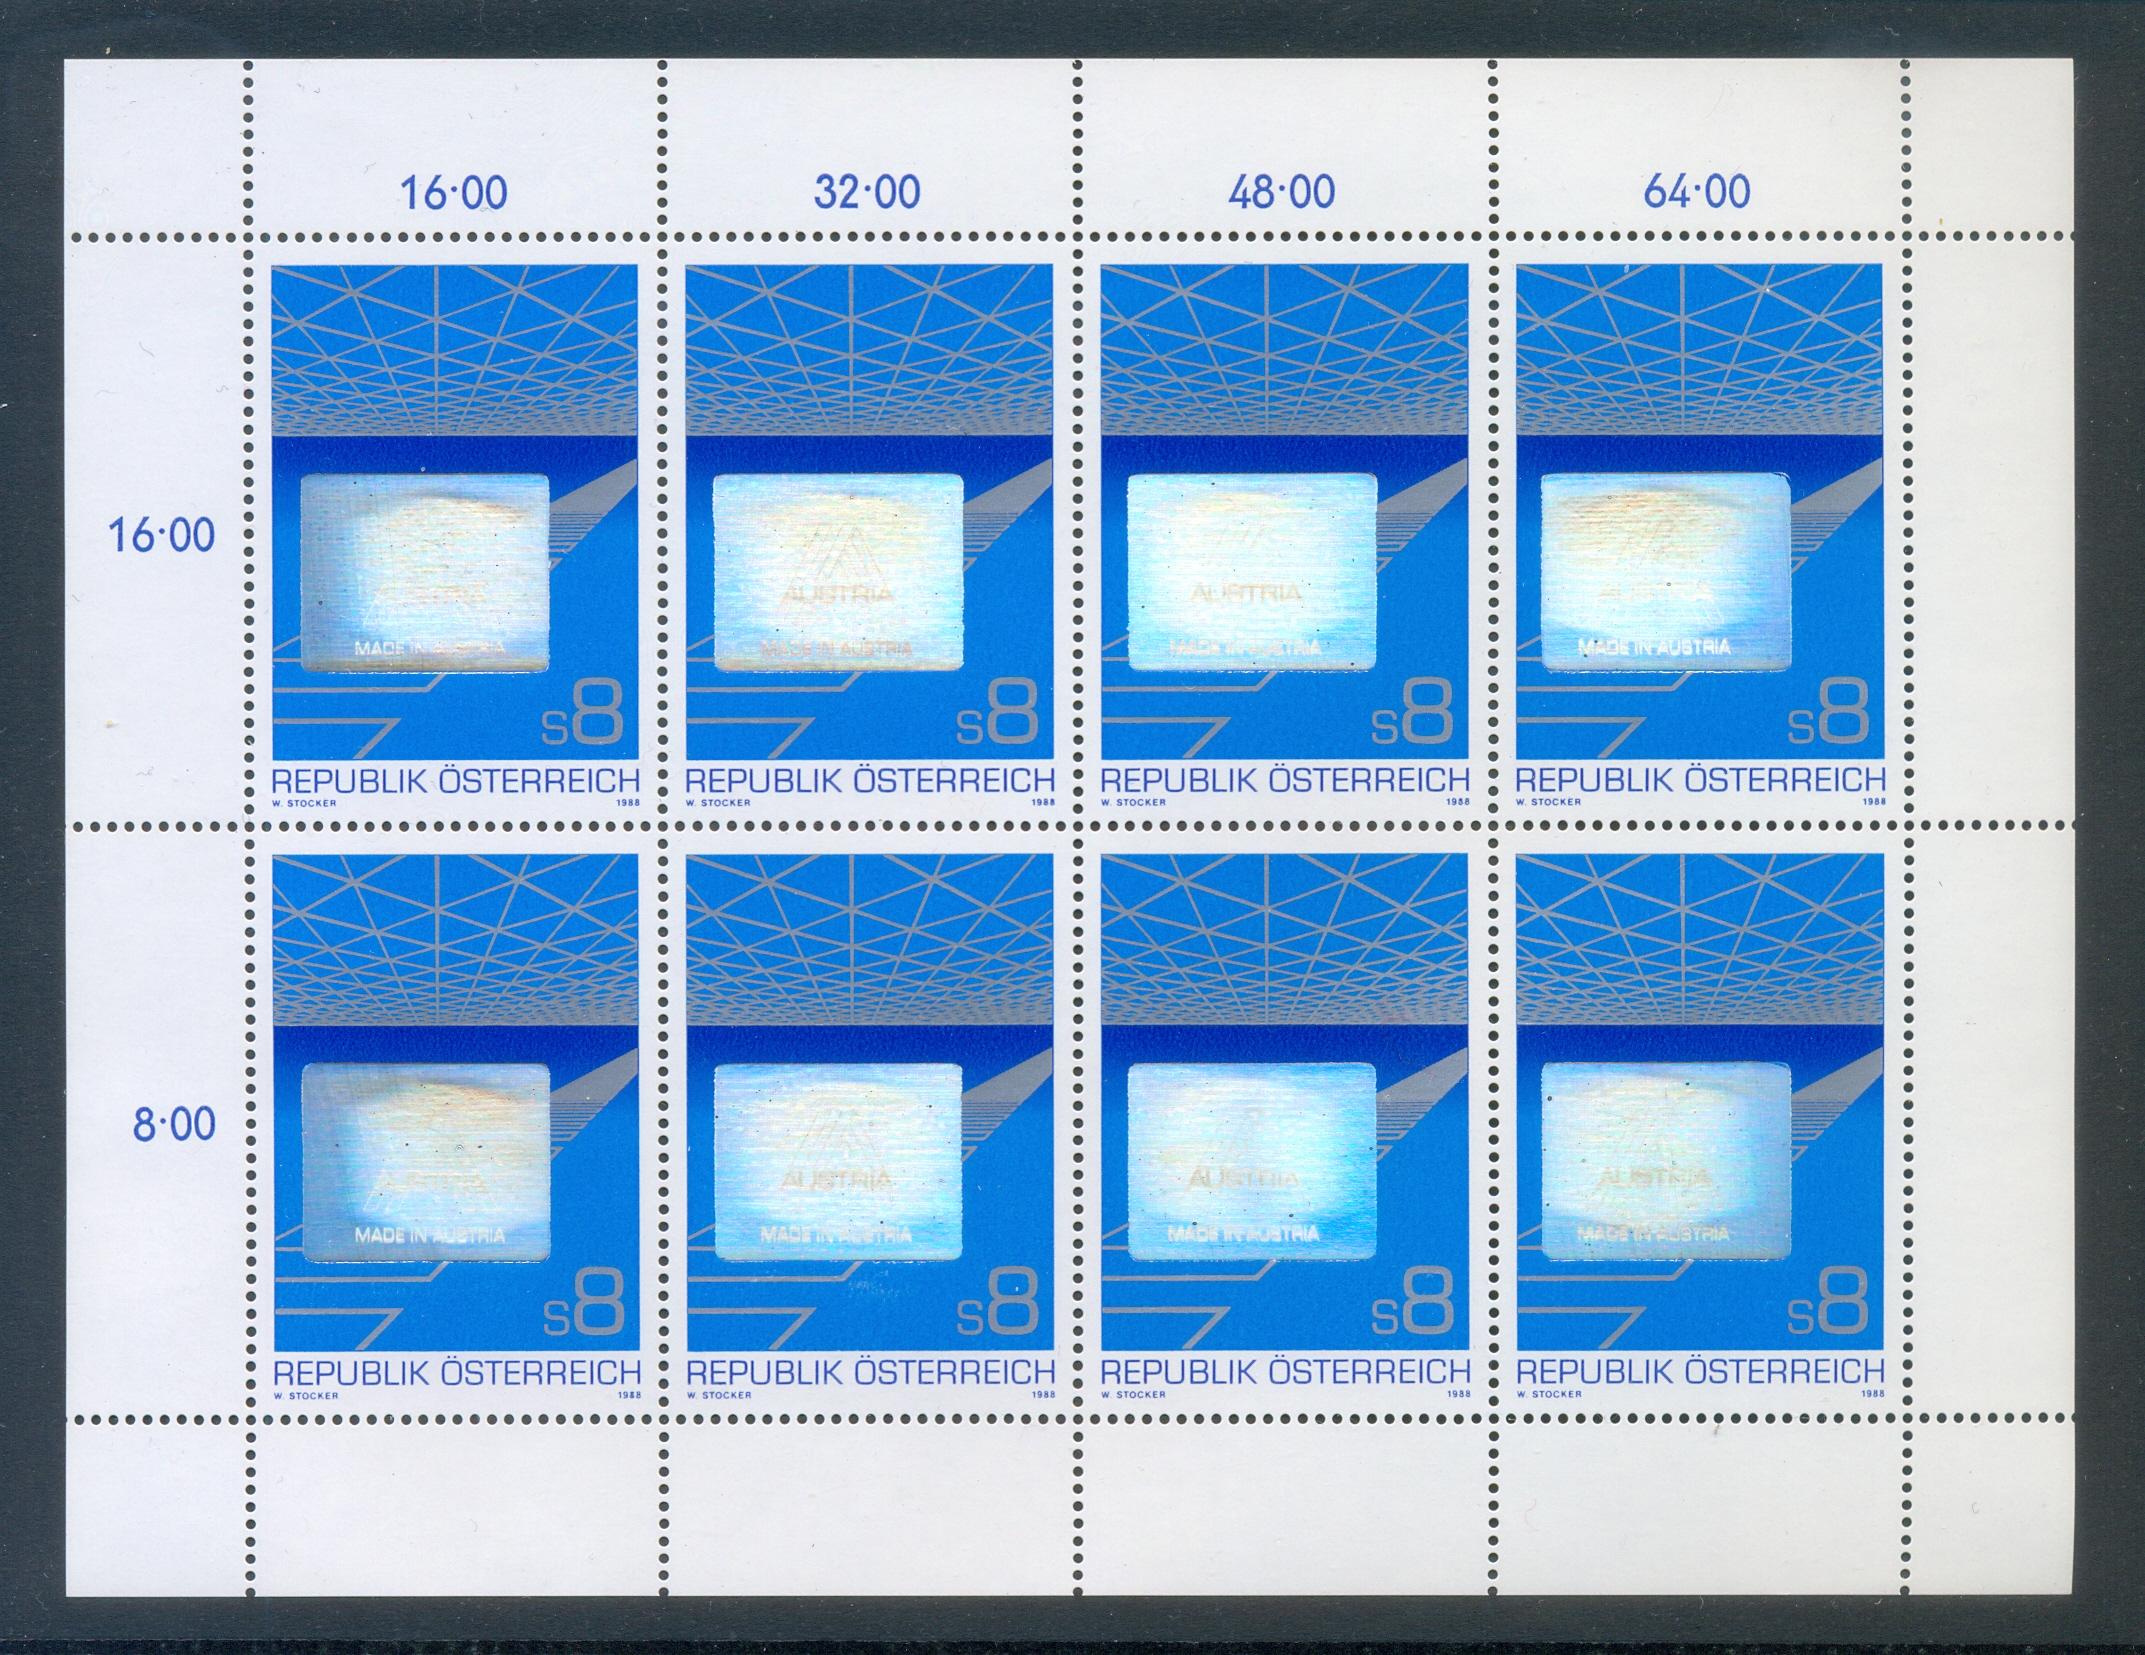 Österreich - postfrisch - Kleinbogen - Mi1936 - Österreichischer Export Hologramm